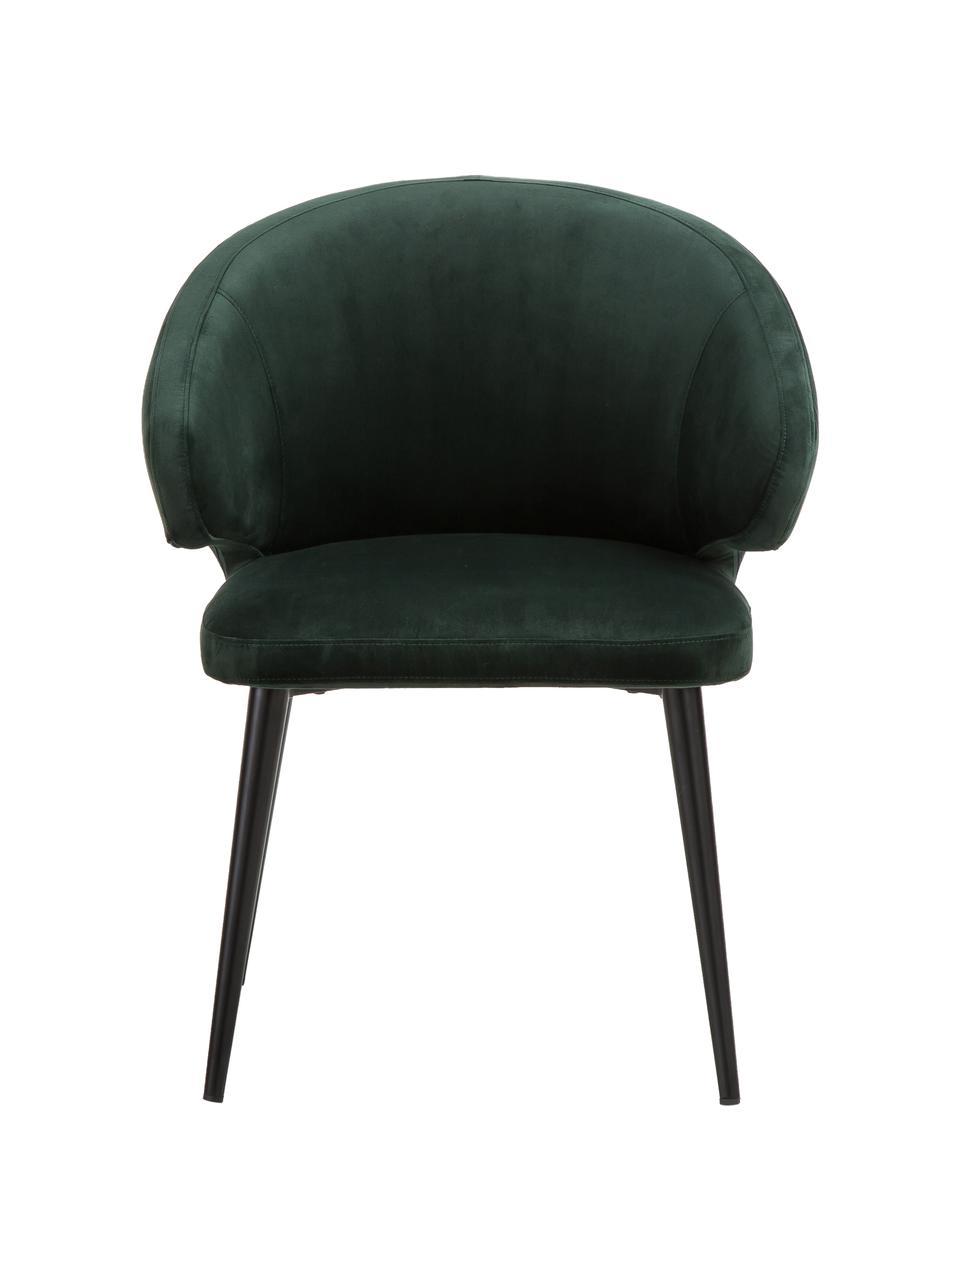 Moderní sametová židle spodručkami Celia, Tmavě zelená